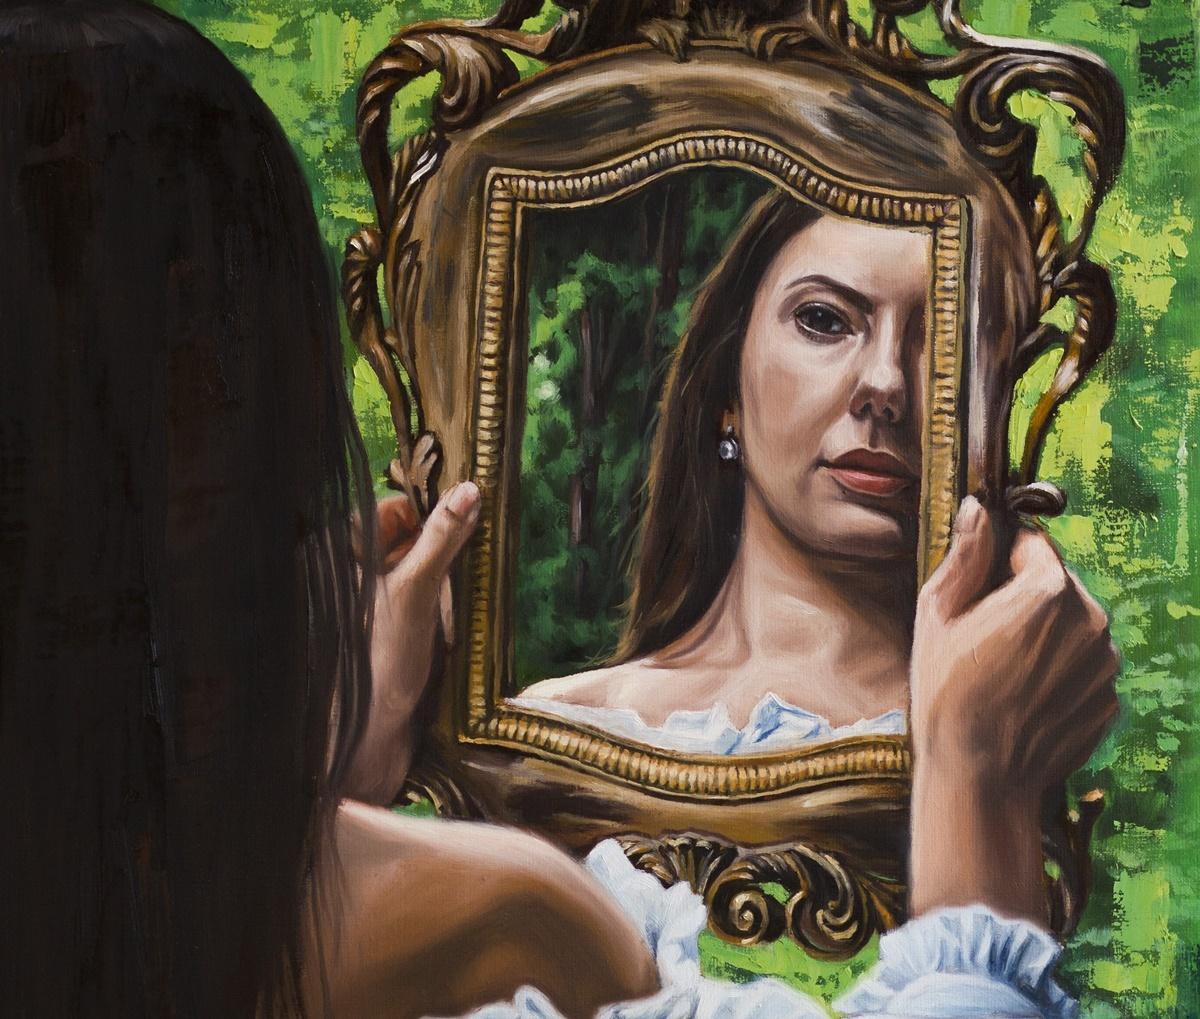 Piękne kobiety malowane farbami olejnymi.